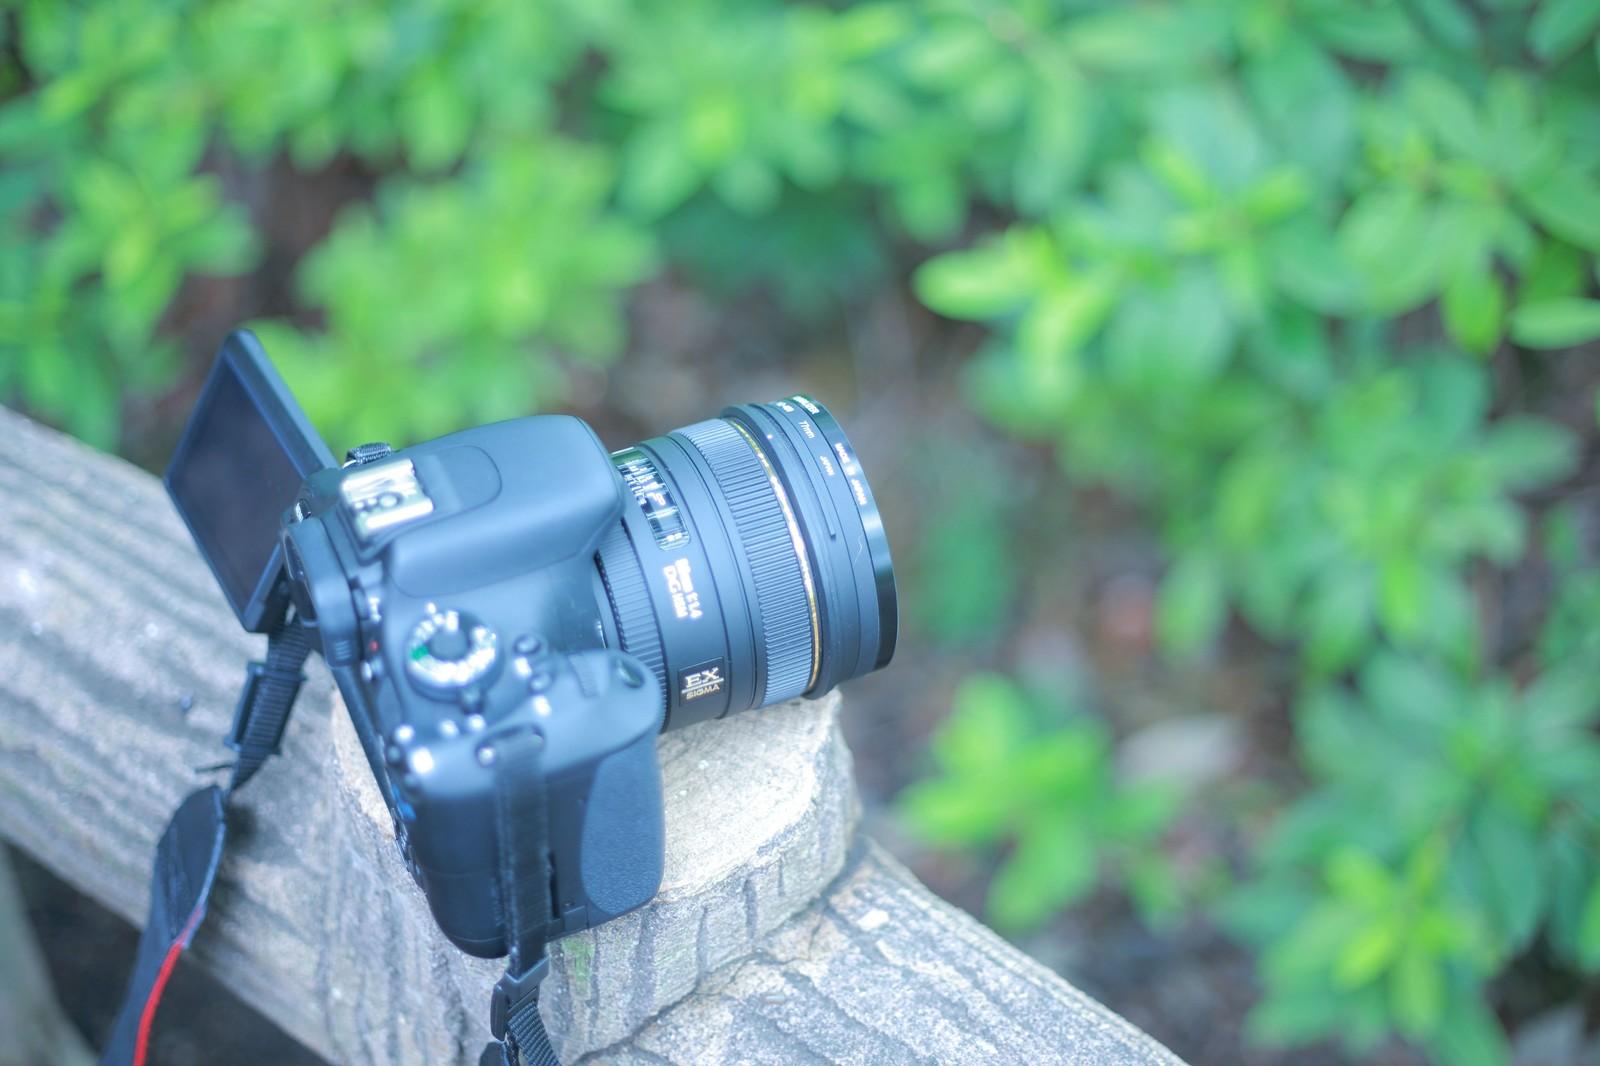 一眼レフカメラはサブスク(定額制)が安い?カメラ・レンズ機材のレンタル比較